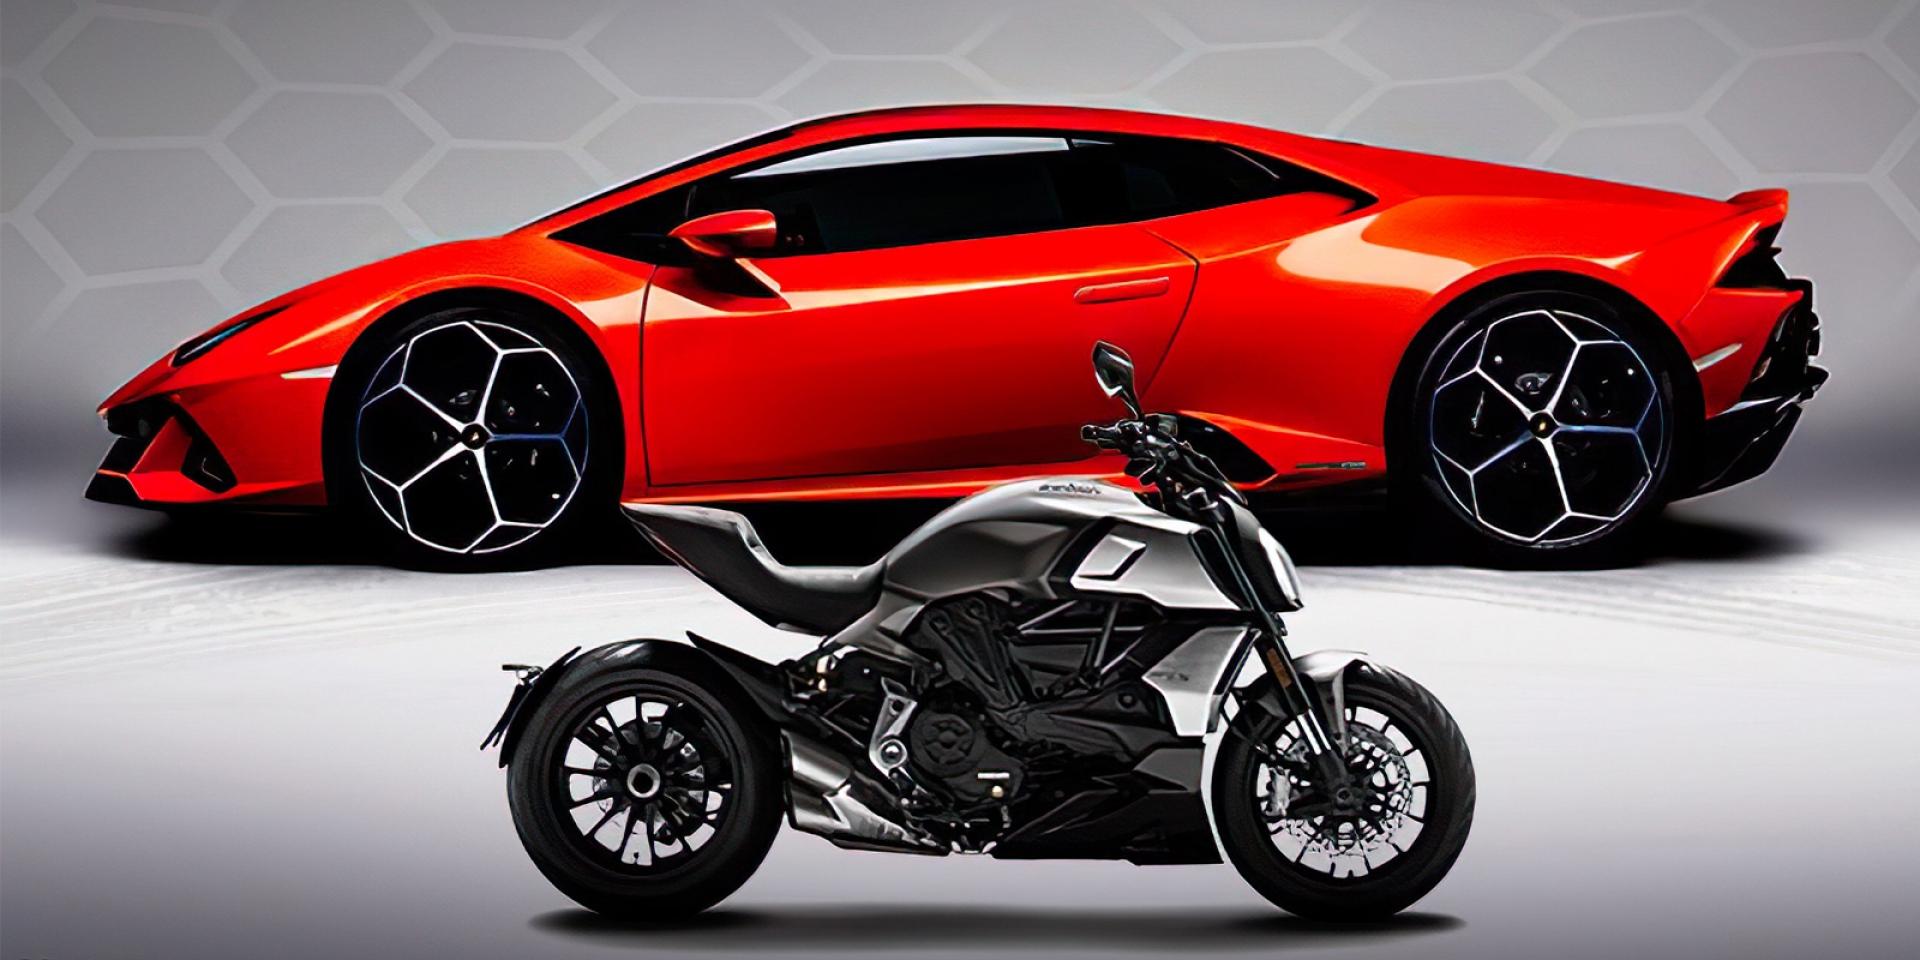 超牛聯名!DUCATI三款新車曝光,Diavel 1260 Lamborghini 聯名特仕車準備登場